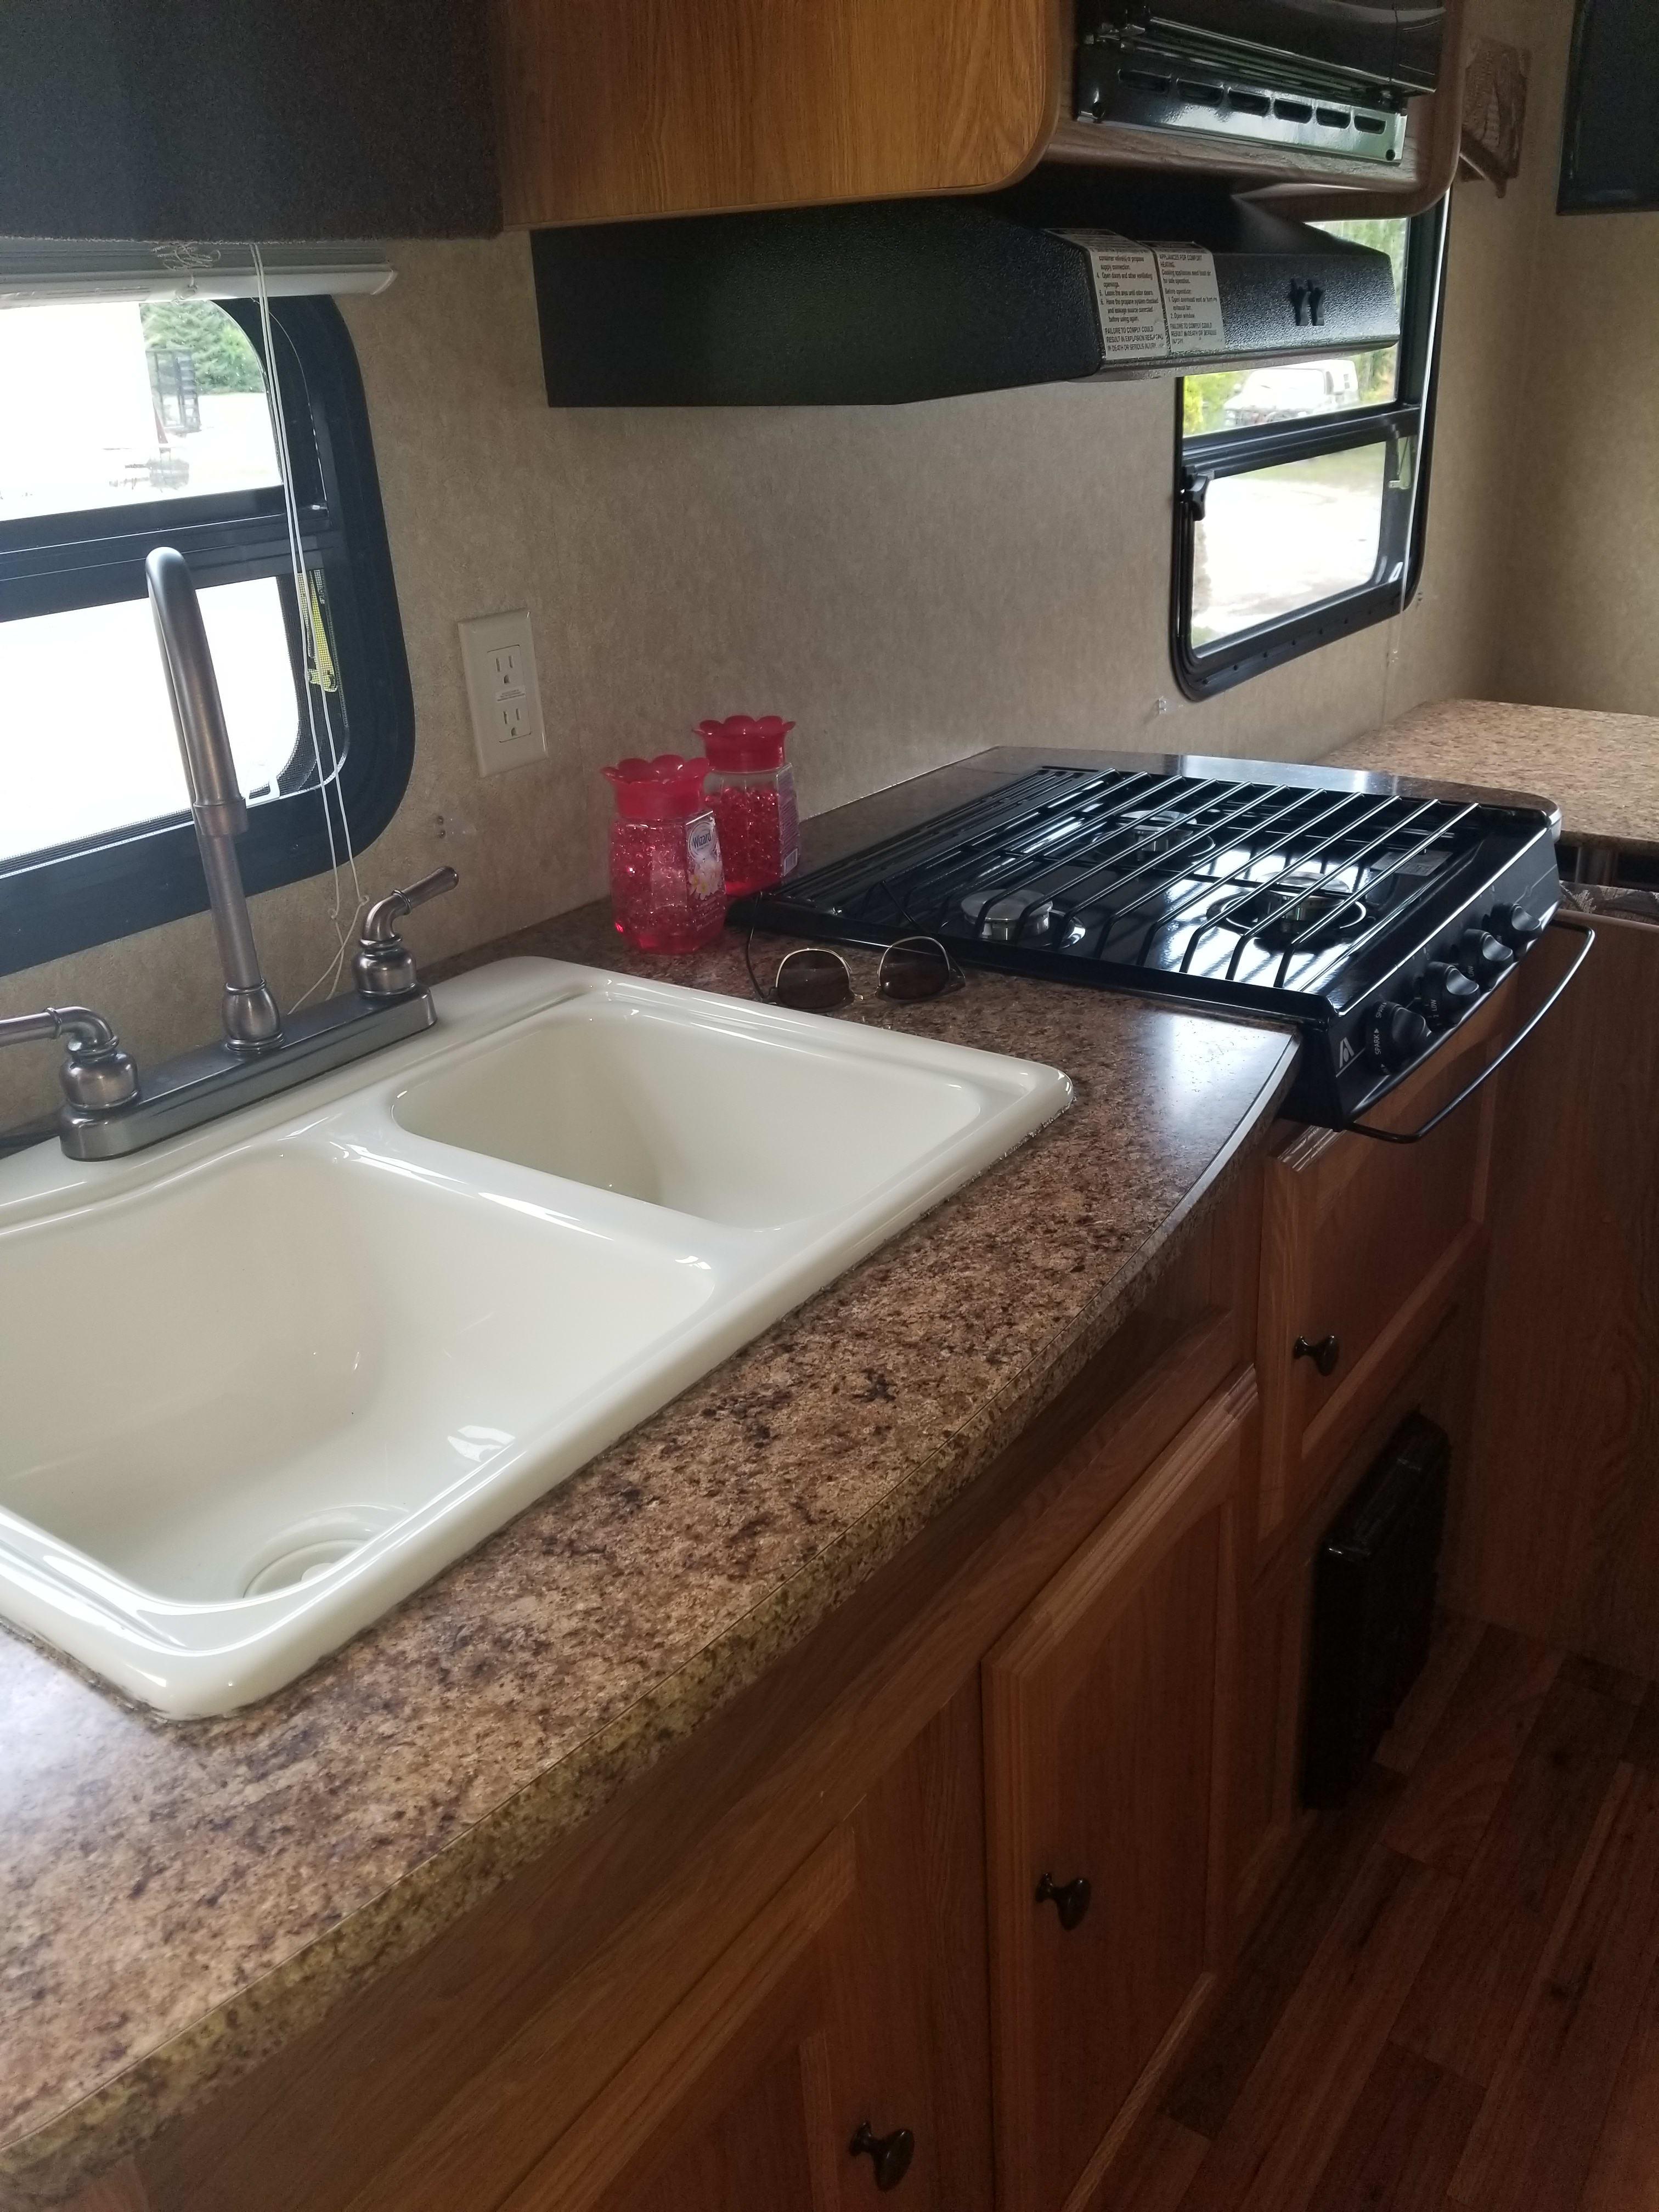 2 sinks with gas range. Dutchmen Coleman 2012